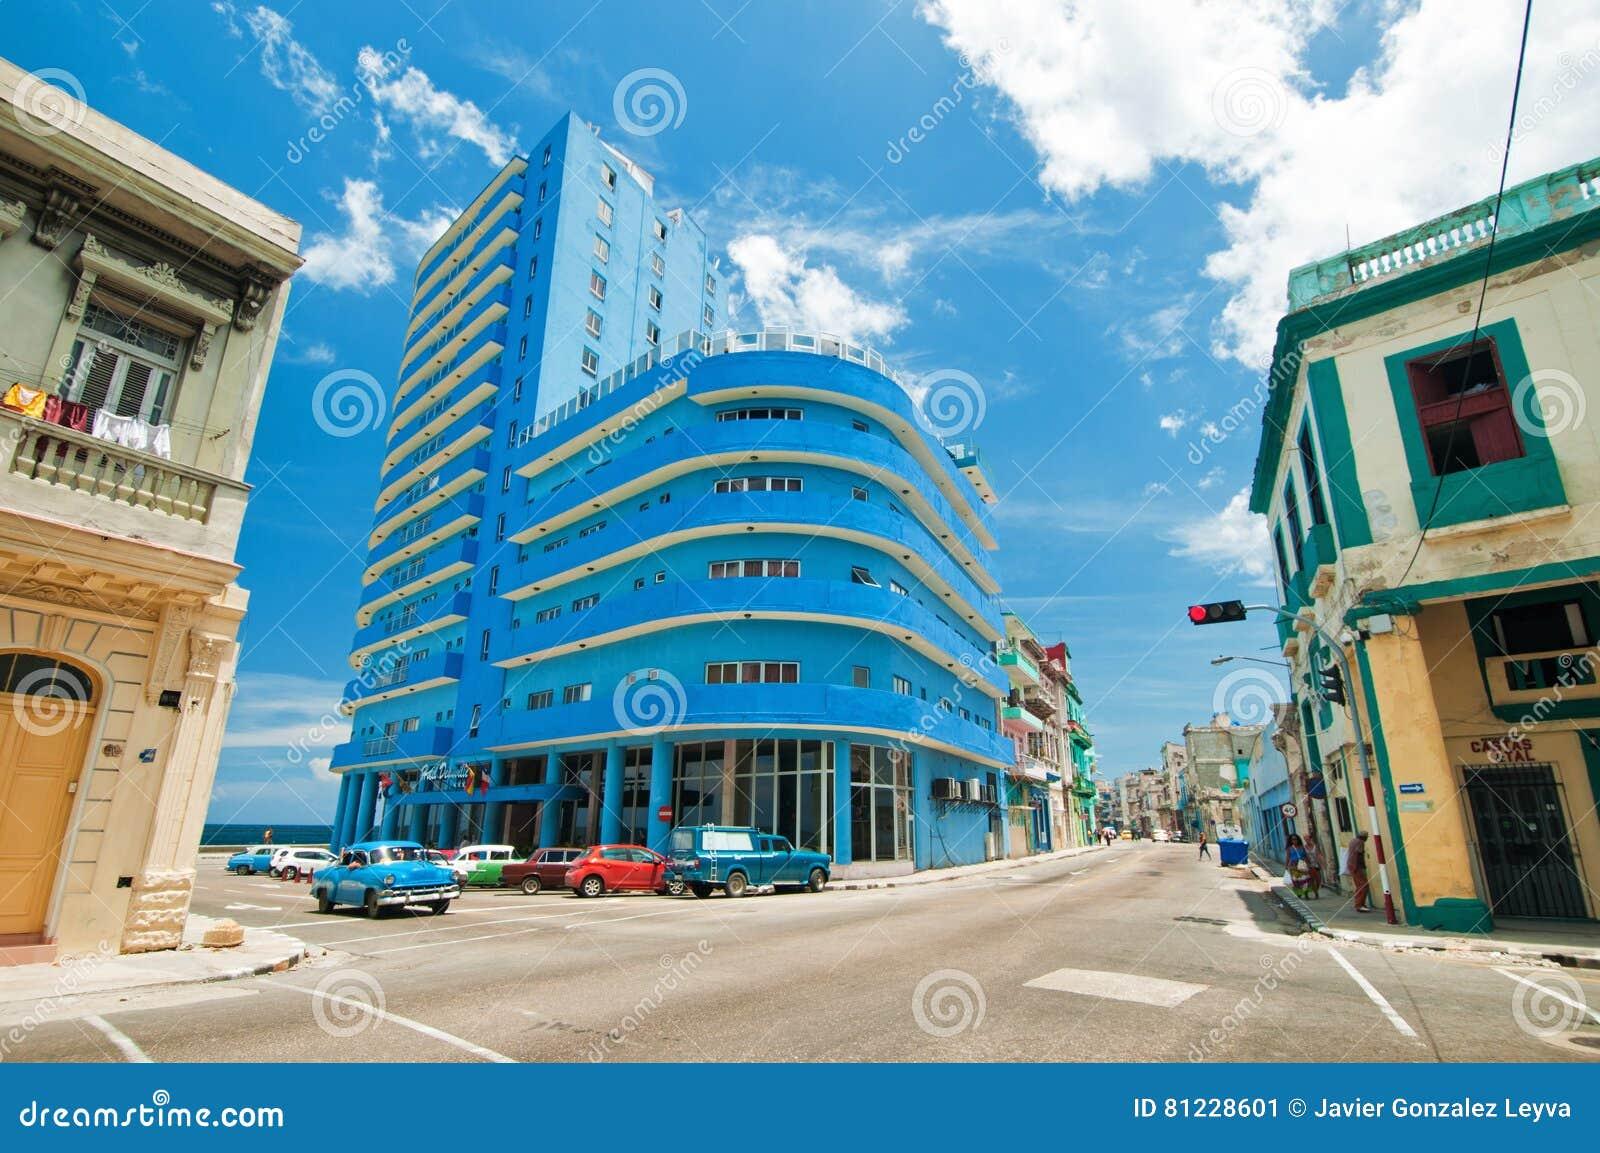 Havana Cuba Aug 15 2016 View Of Deauville Hotel Overlooking